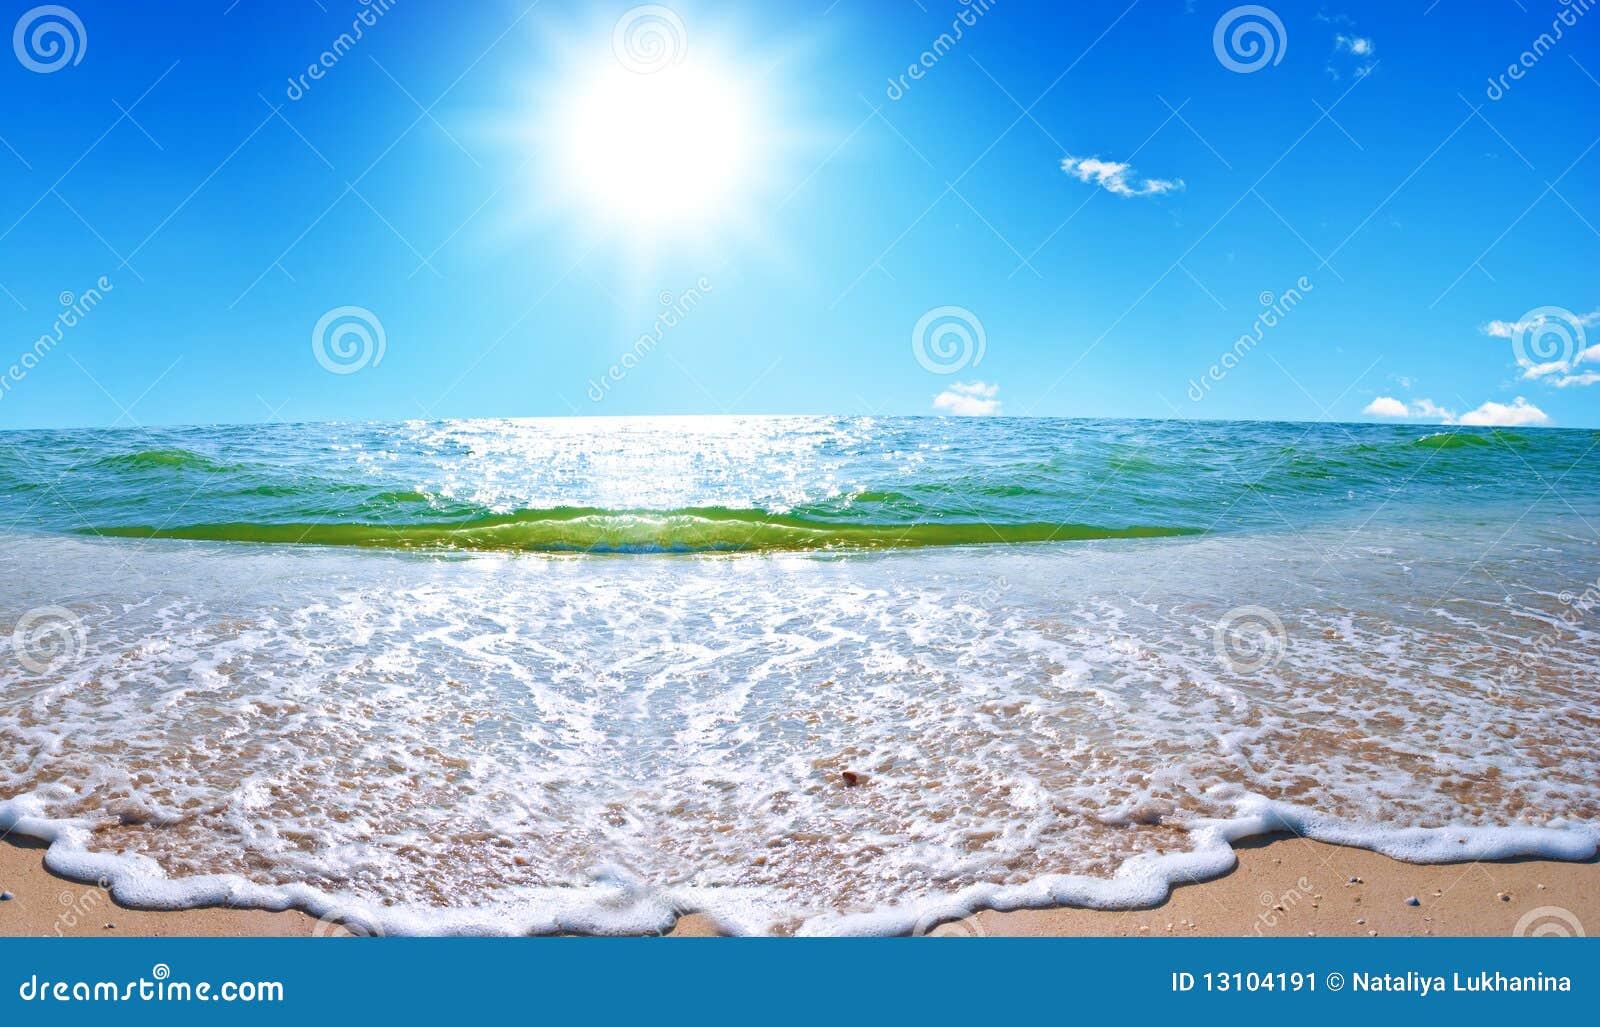 ηλιακό καλοκαίρι ουραν&om